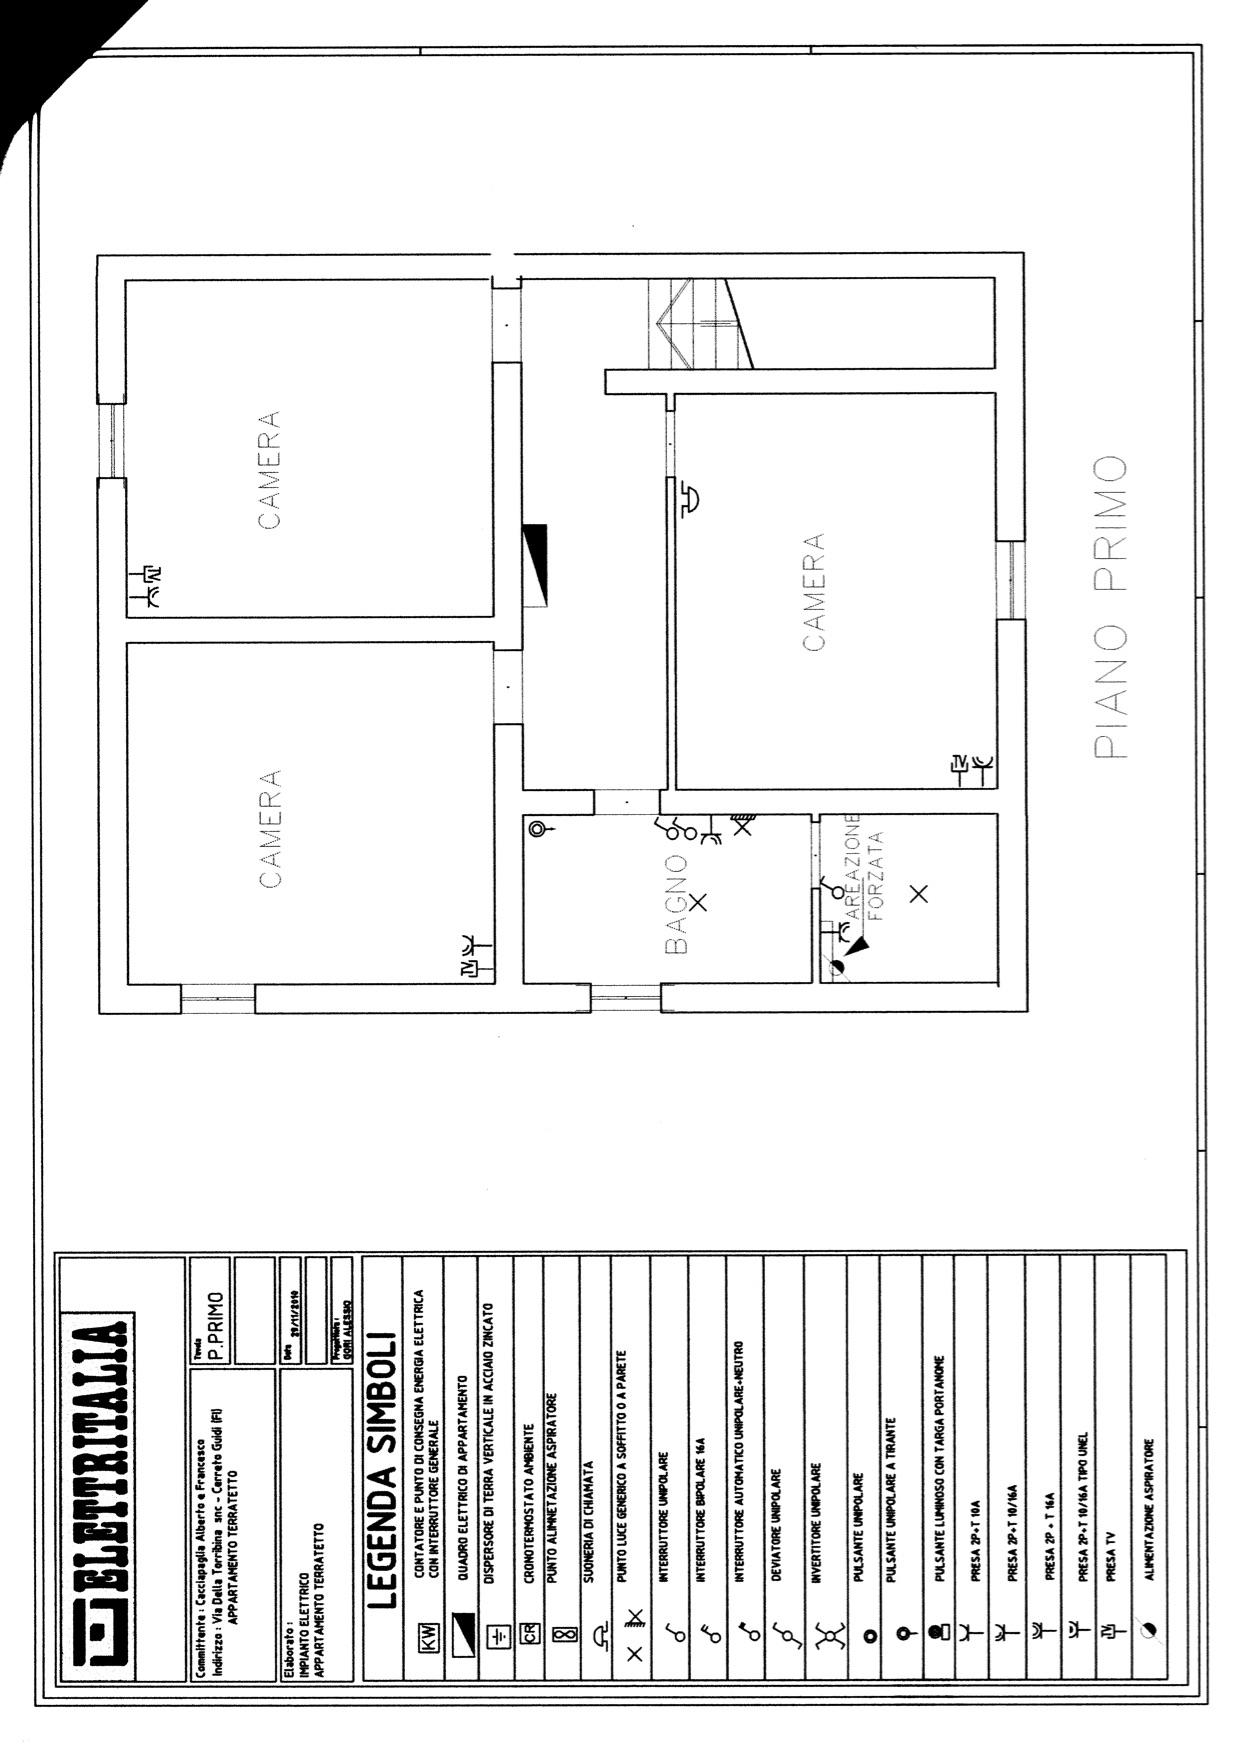 Appartamento in affitto a Cerreto Guidi, 5 locali, zona Località: PoggioTempesti, prezzo € 700 | Cambio Casa.it